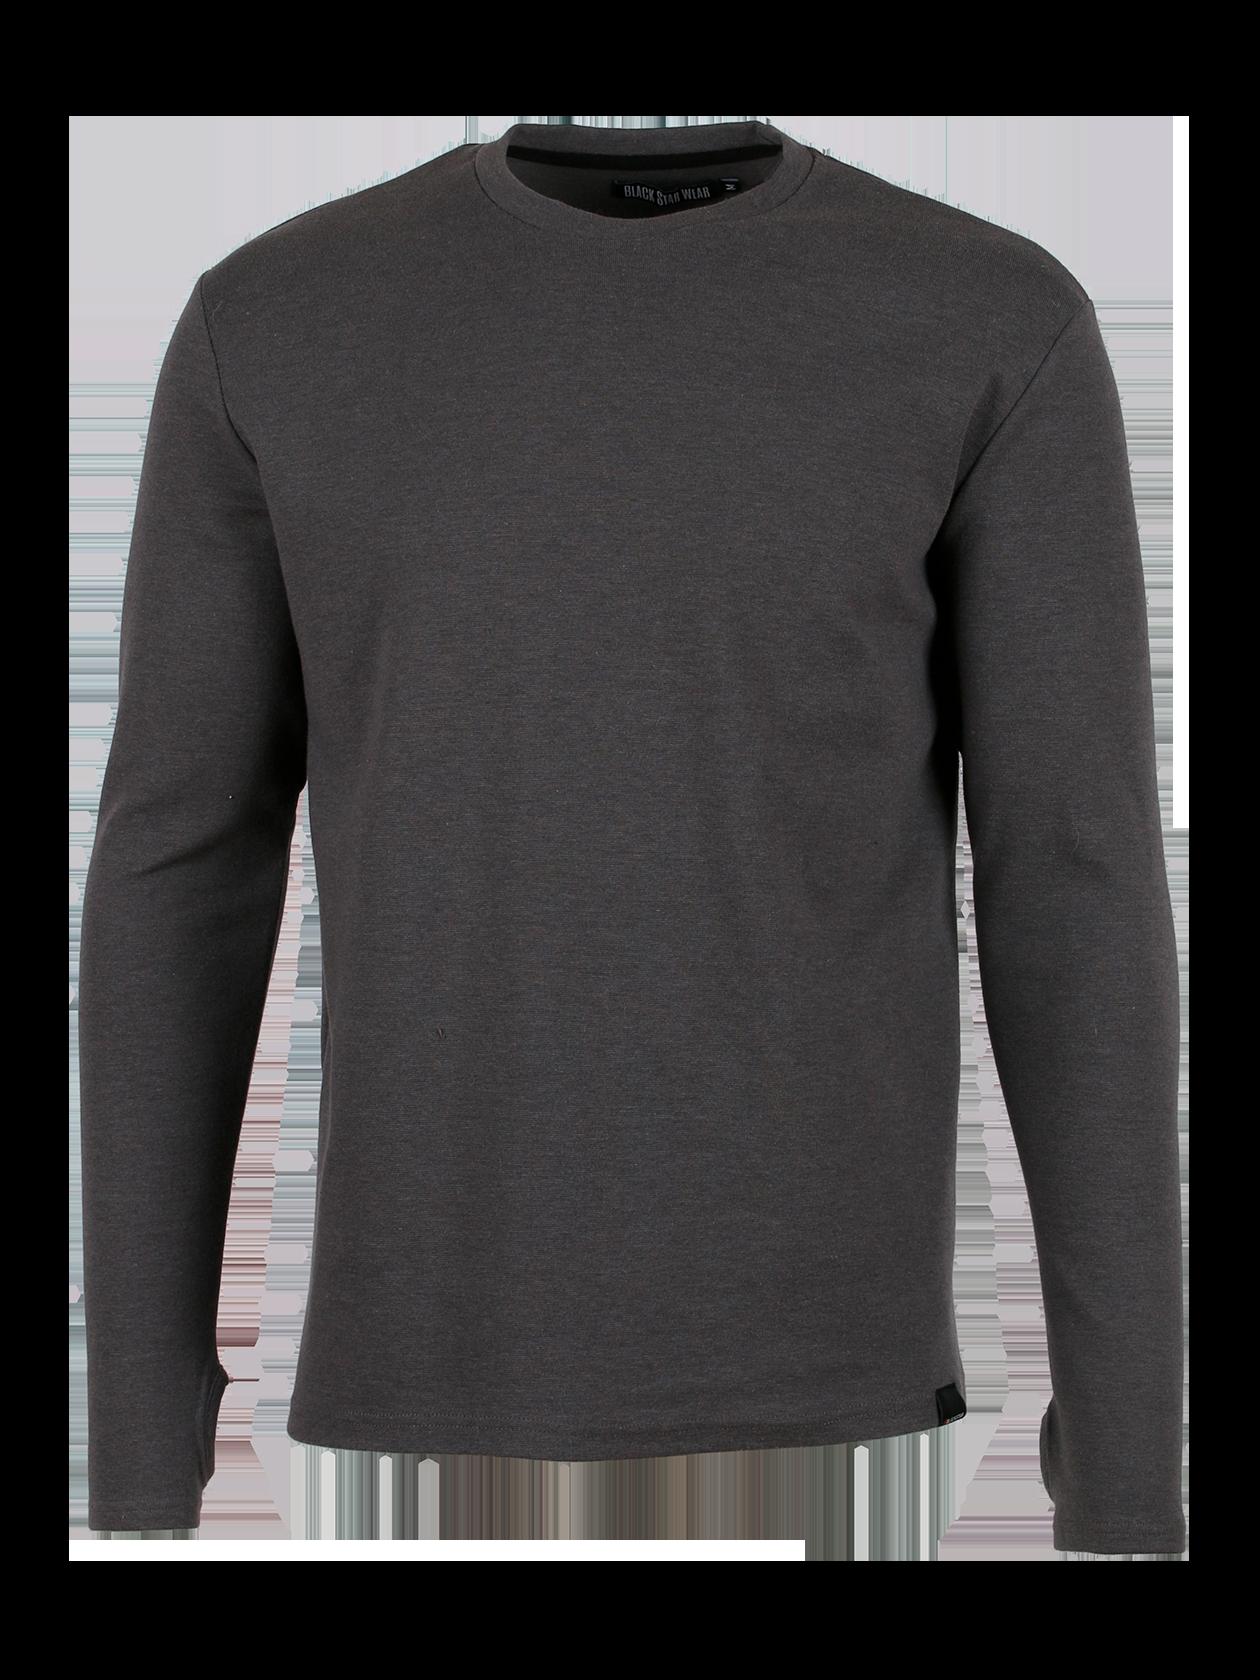 Mens long sleeve t-shirt RIB BLACK STARЛонгслив мужской Rib Black Star из линейки одежды Basic – незаменимая вещь в повседневном гардеробе. Модель лаконичного дизайна изготовлена из натурального износостойкого футера. Базовая серая расцветка актуальна в любом сезоне. Крой прямой, полуоблегающий. Узкая горловина округлой формы с жаккардовым логотипом Black Star Wear на внутреннем крае. Внизу с левого бока фирменная нашивка. Рукав дополнен выемкой для большого пальца. Стильный вариант на каждый день по демократичной цене.<br><br>size: M<br>color: Grey<br>gender: unisex